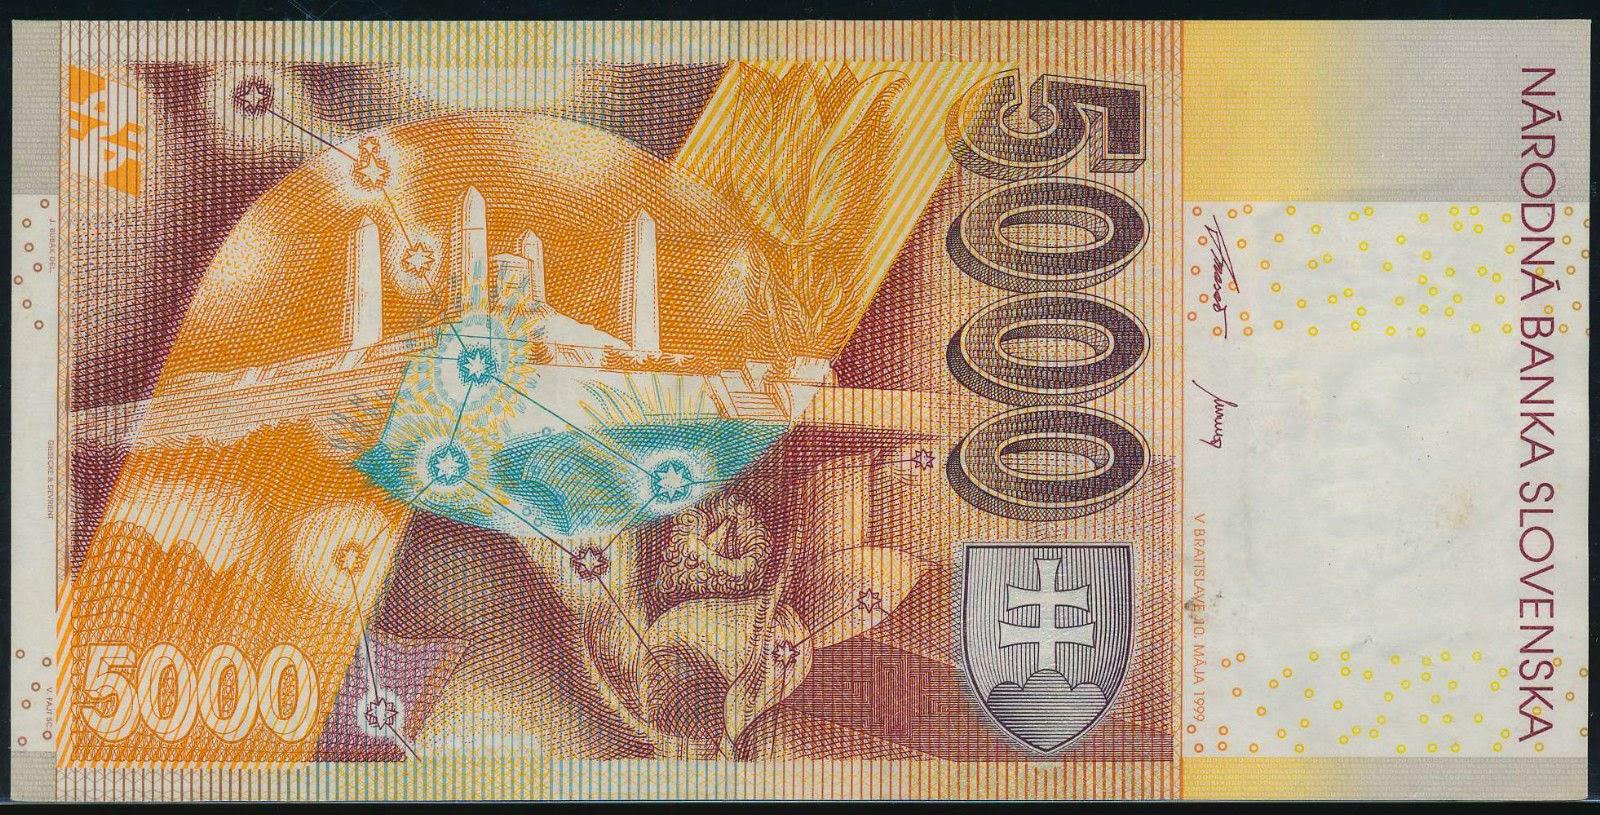 5000 Slovak koruna